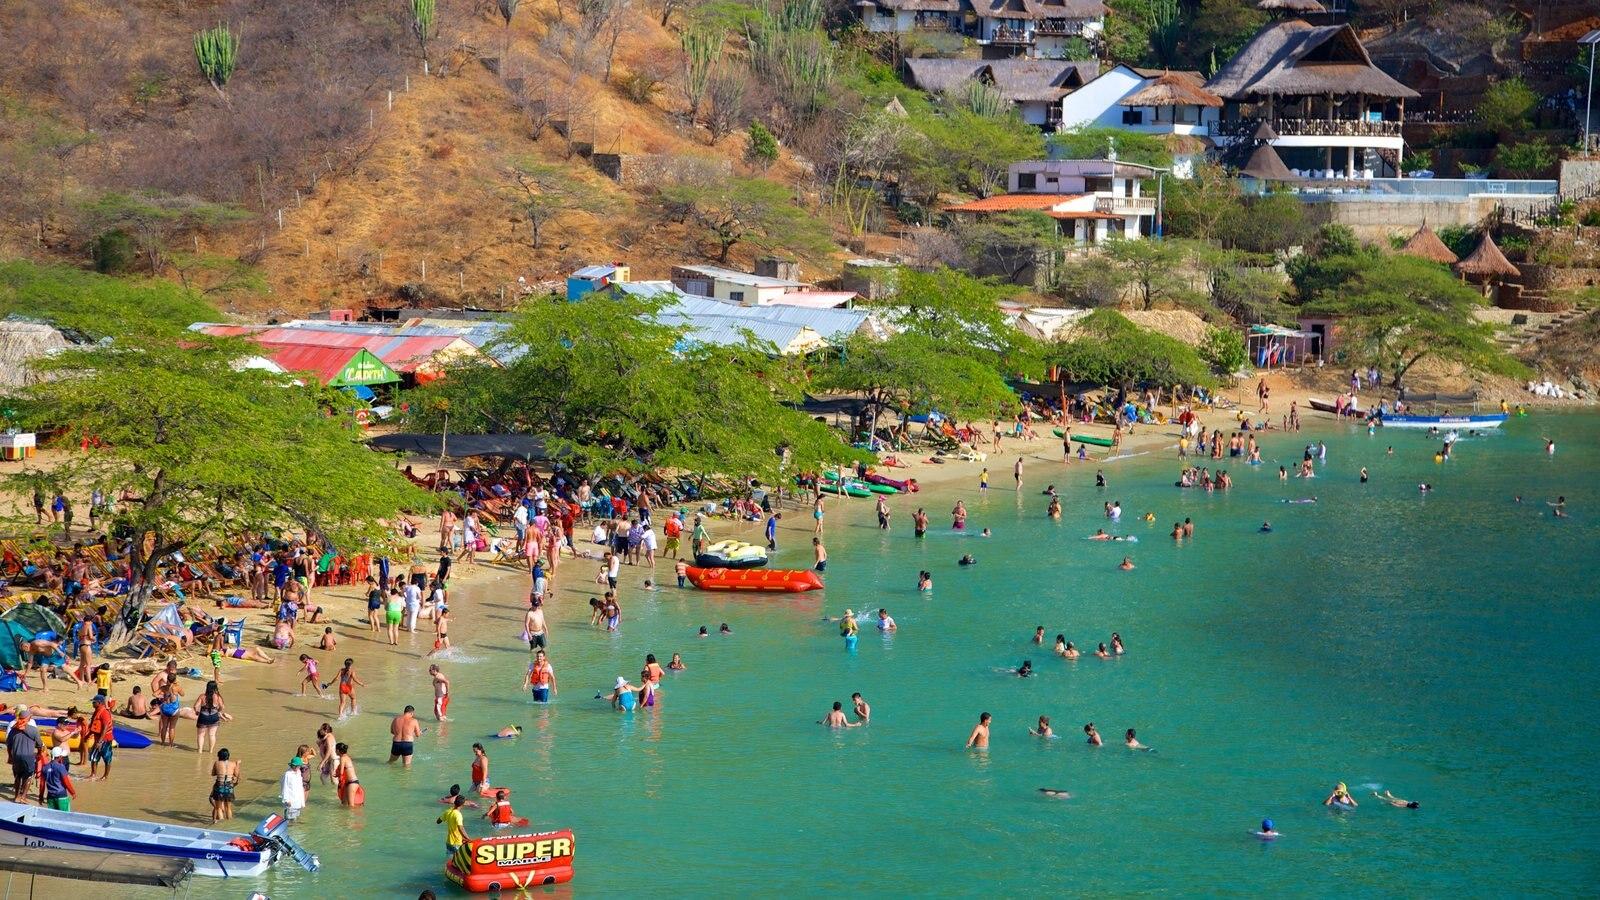 Praia Taganga que inclui uma cidade litorânea, natação e uma praia de areia